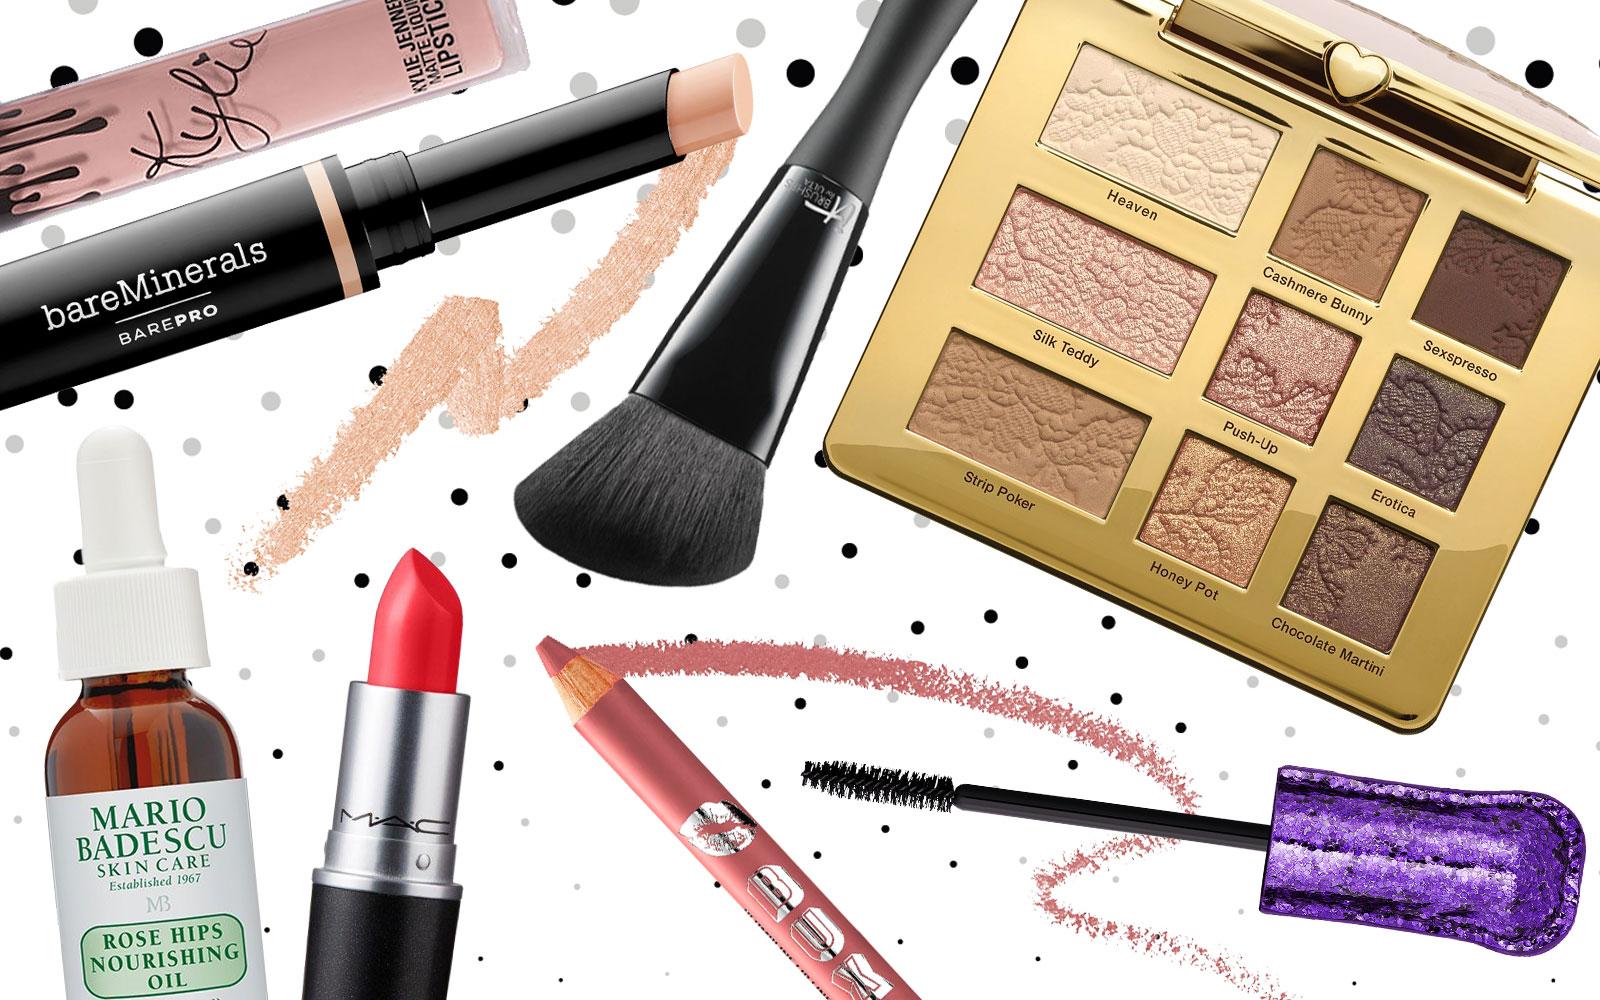 Ulta 21 Days Of Beauty Sale Deals September 2019 Best Buys